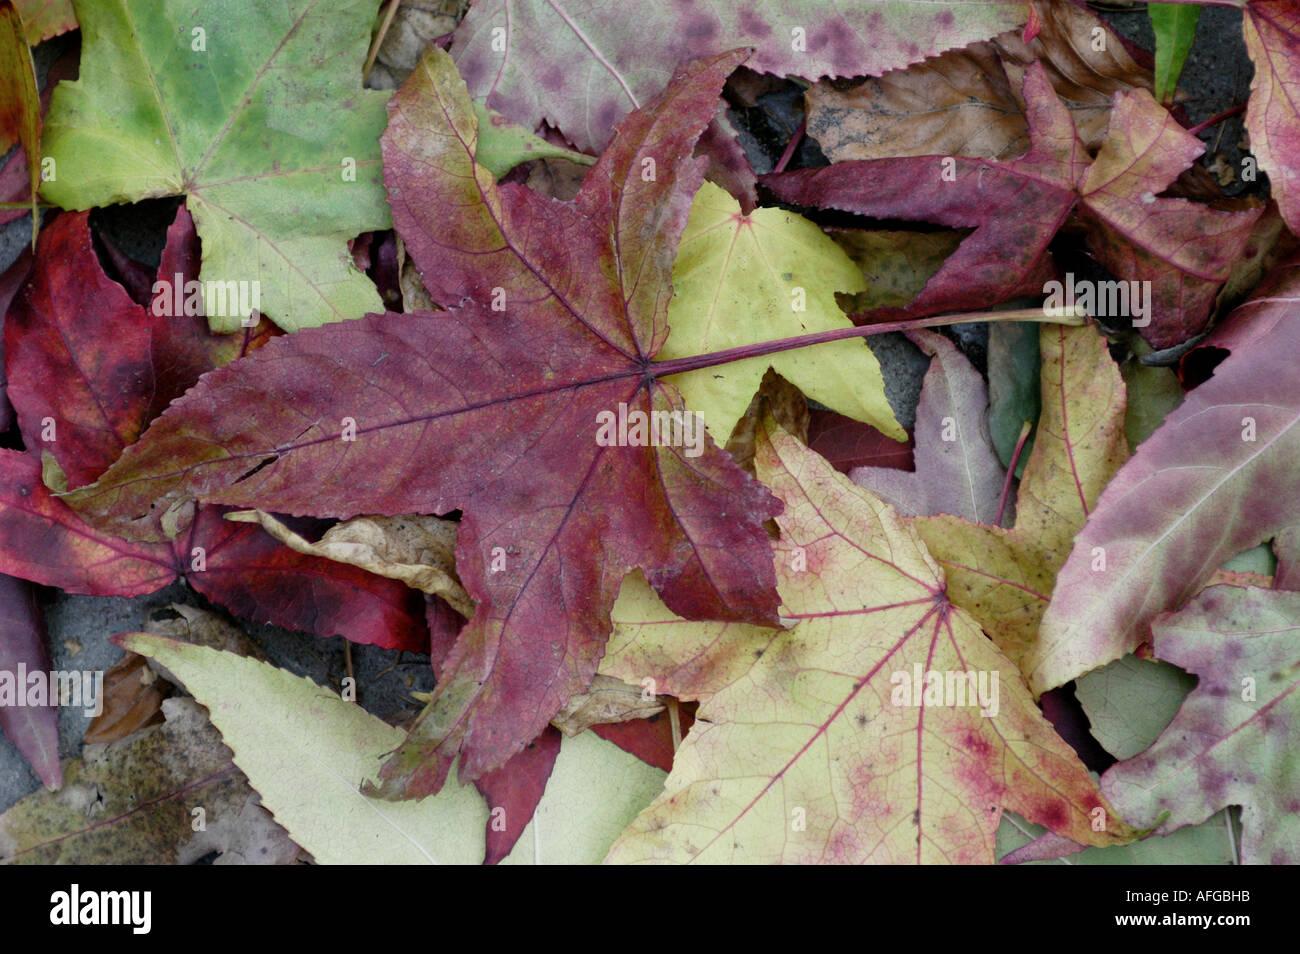 082 Herbstlaub Ahornblaetter am Boden liegend Stock Photo